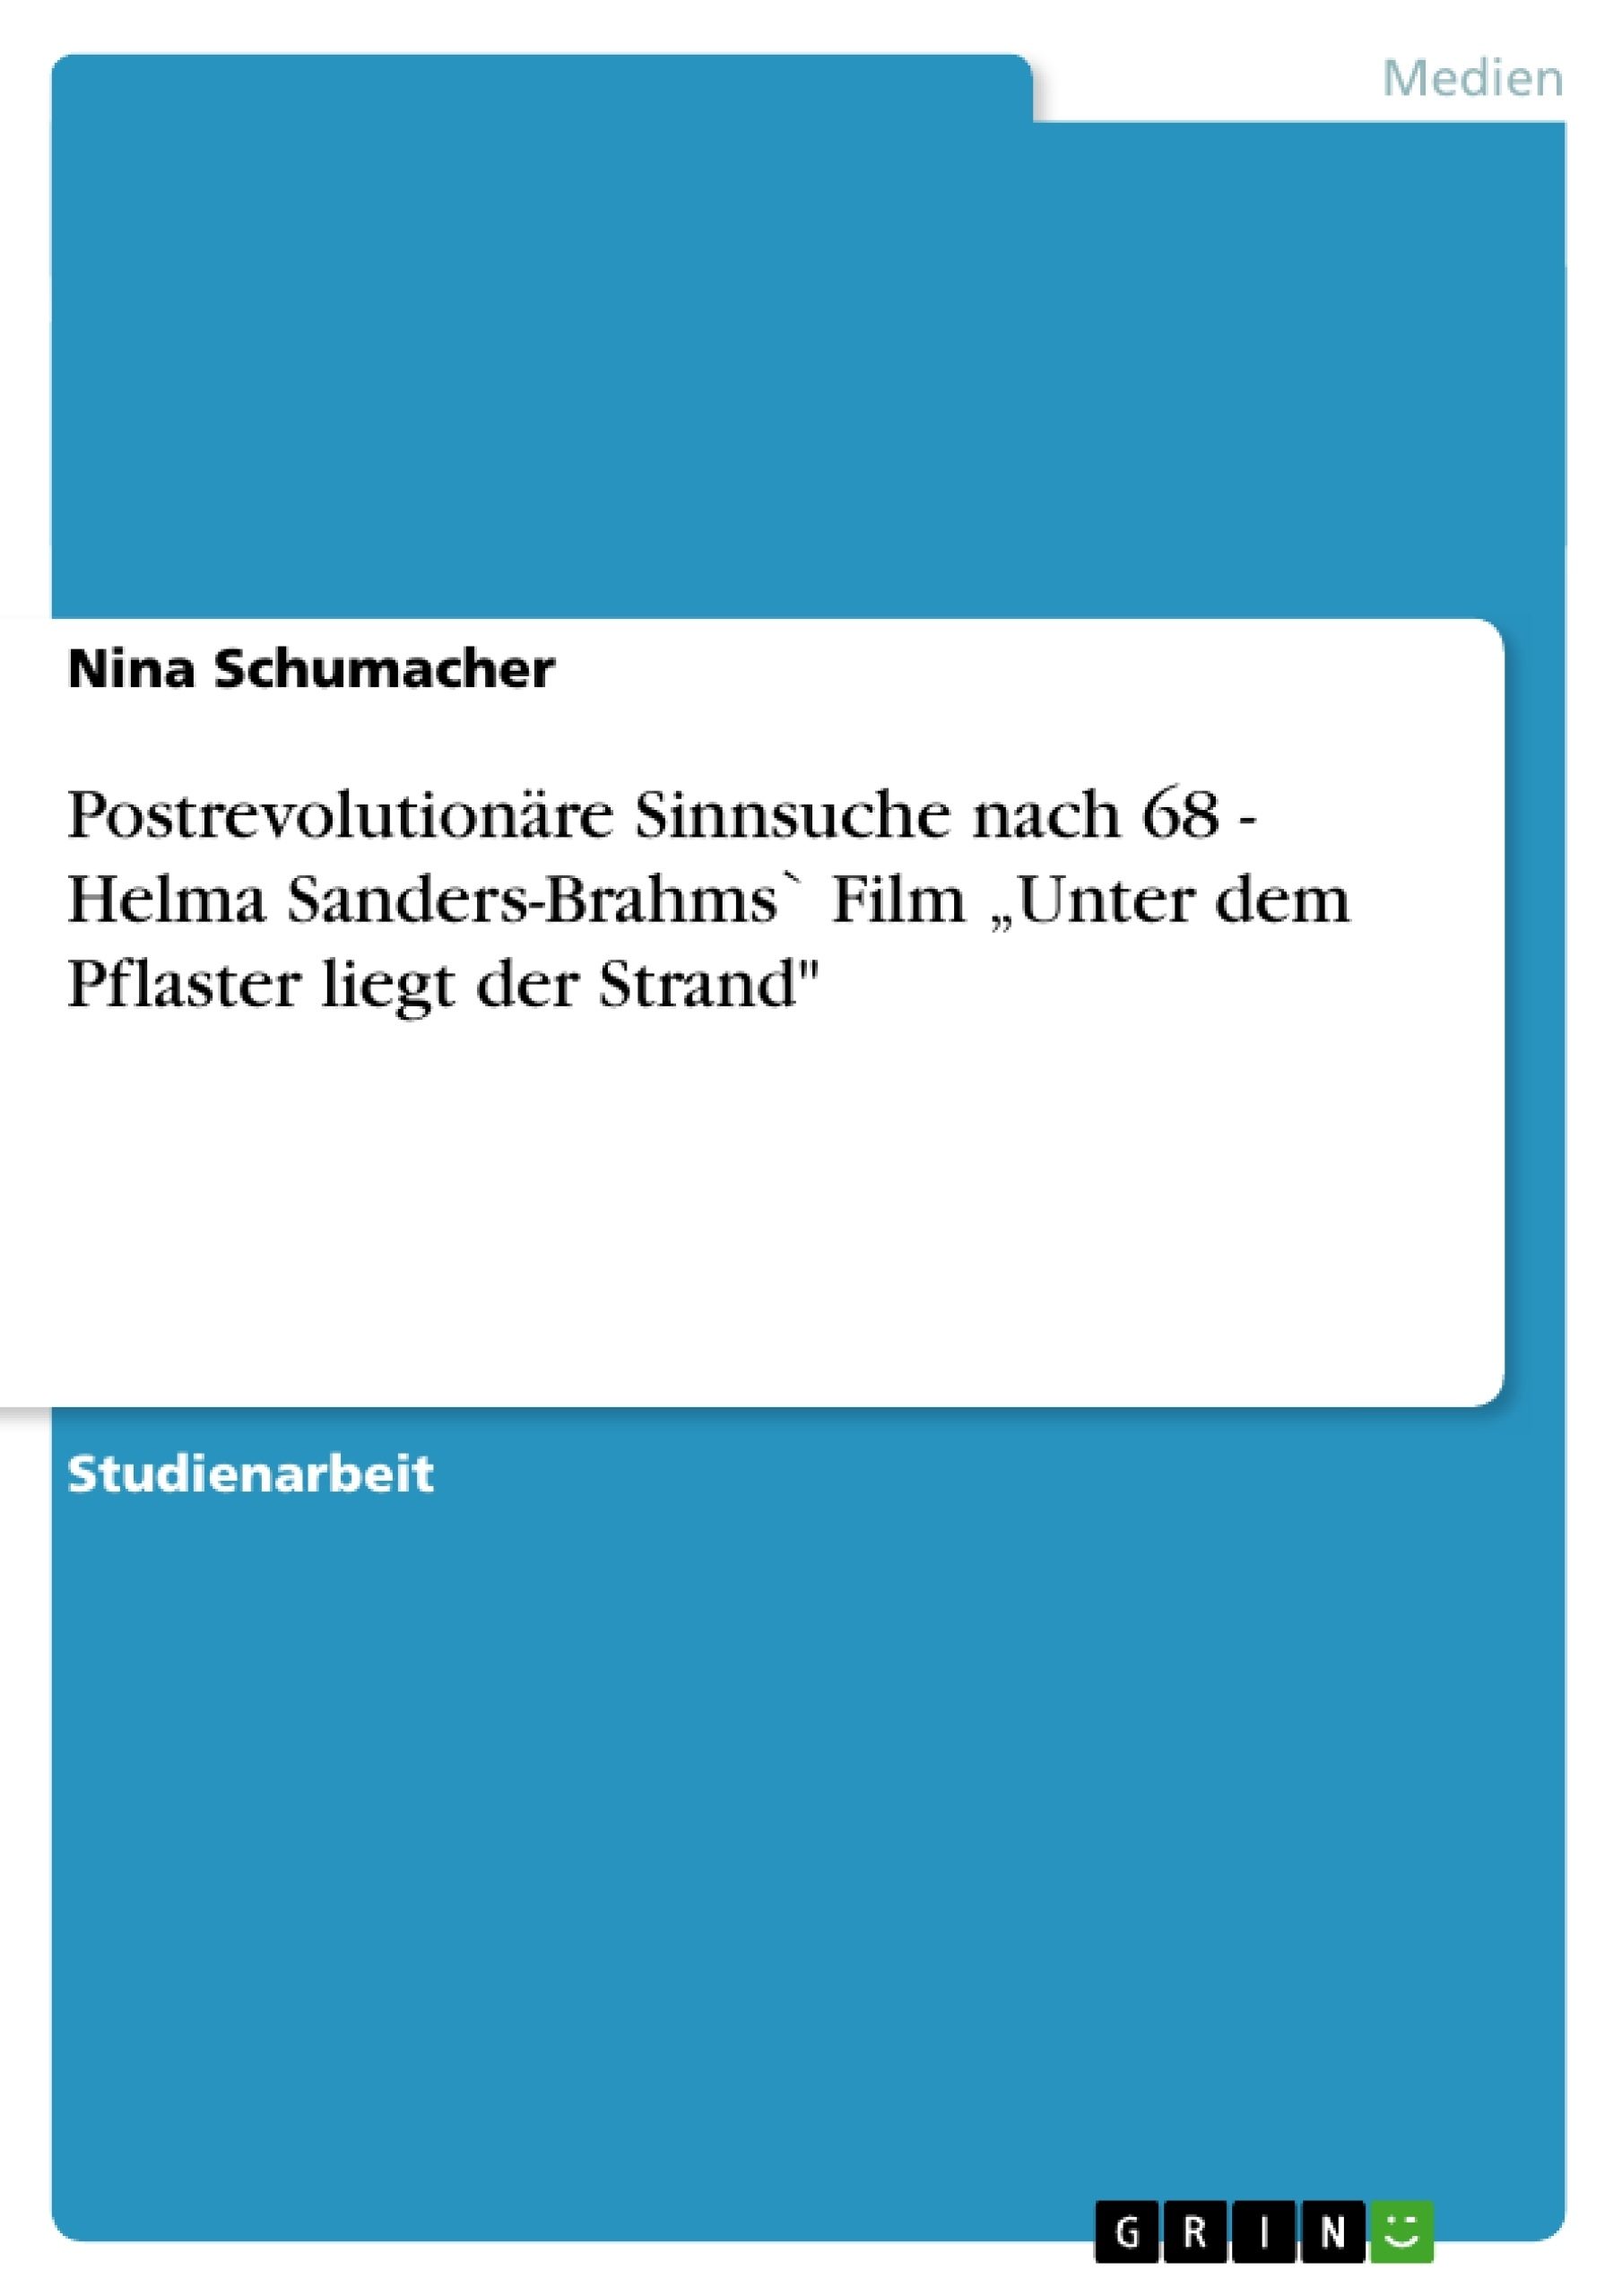 """Titel: Postrevolutionäre Sinnsuche nach 68 - Helma Sanders-Brahms` Film """"Unter dem Pflaster liegt der Strand"""""""